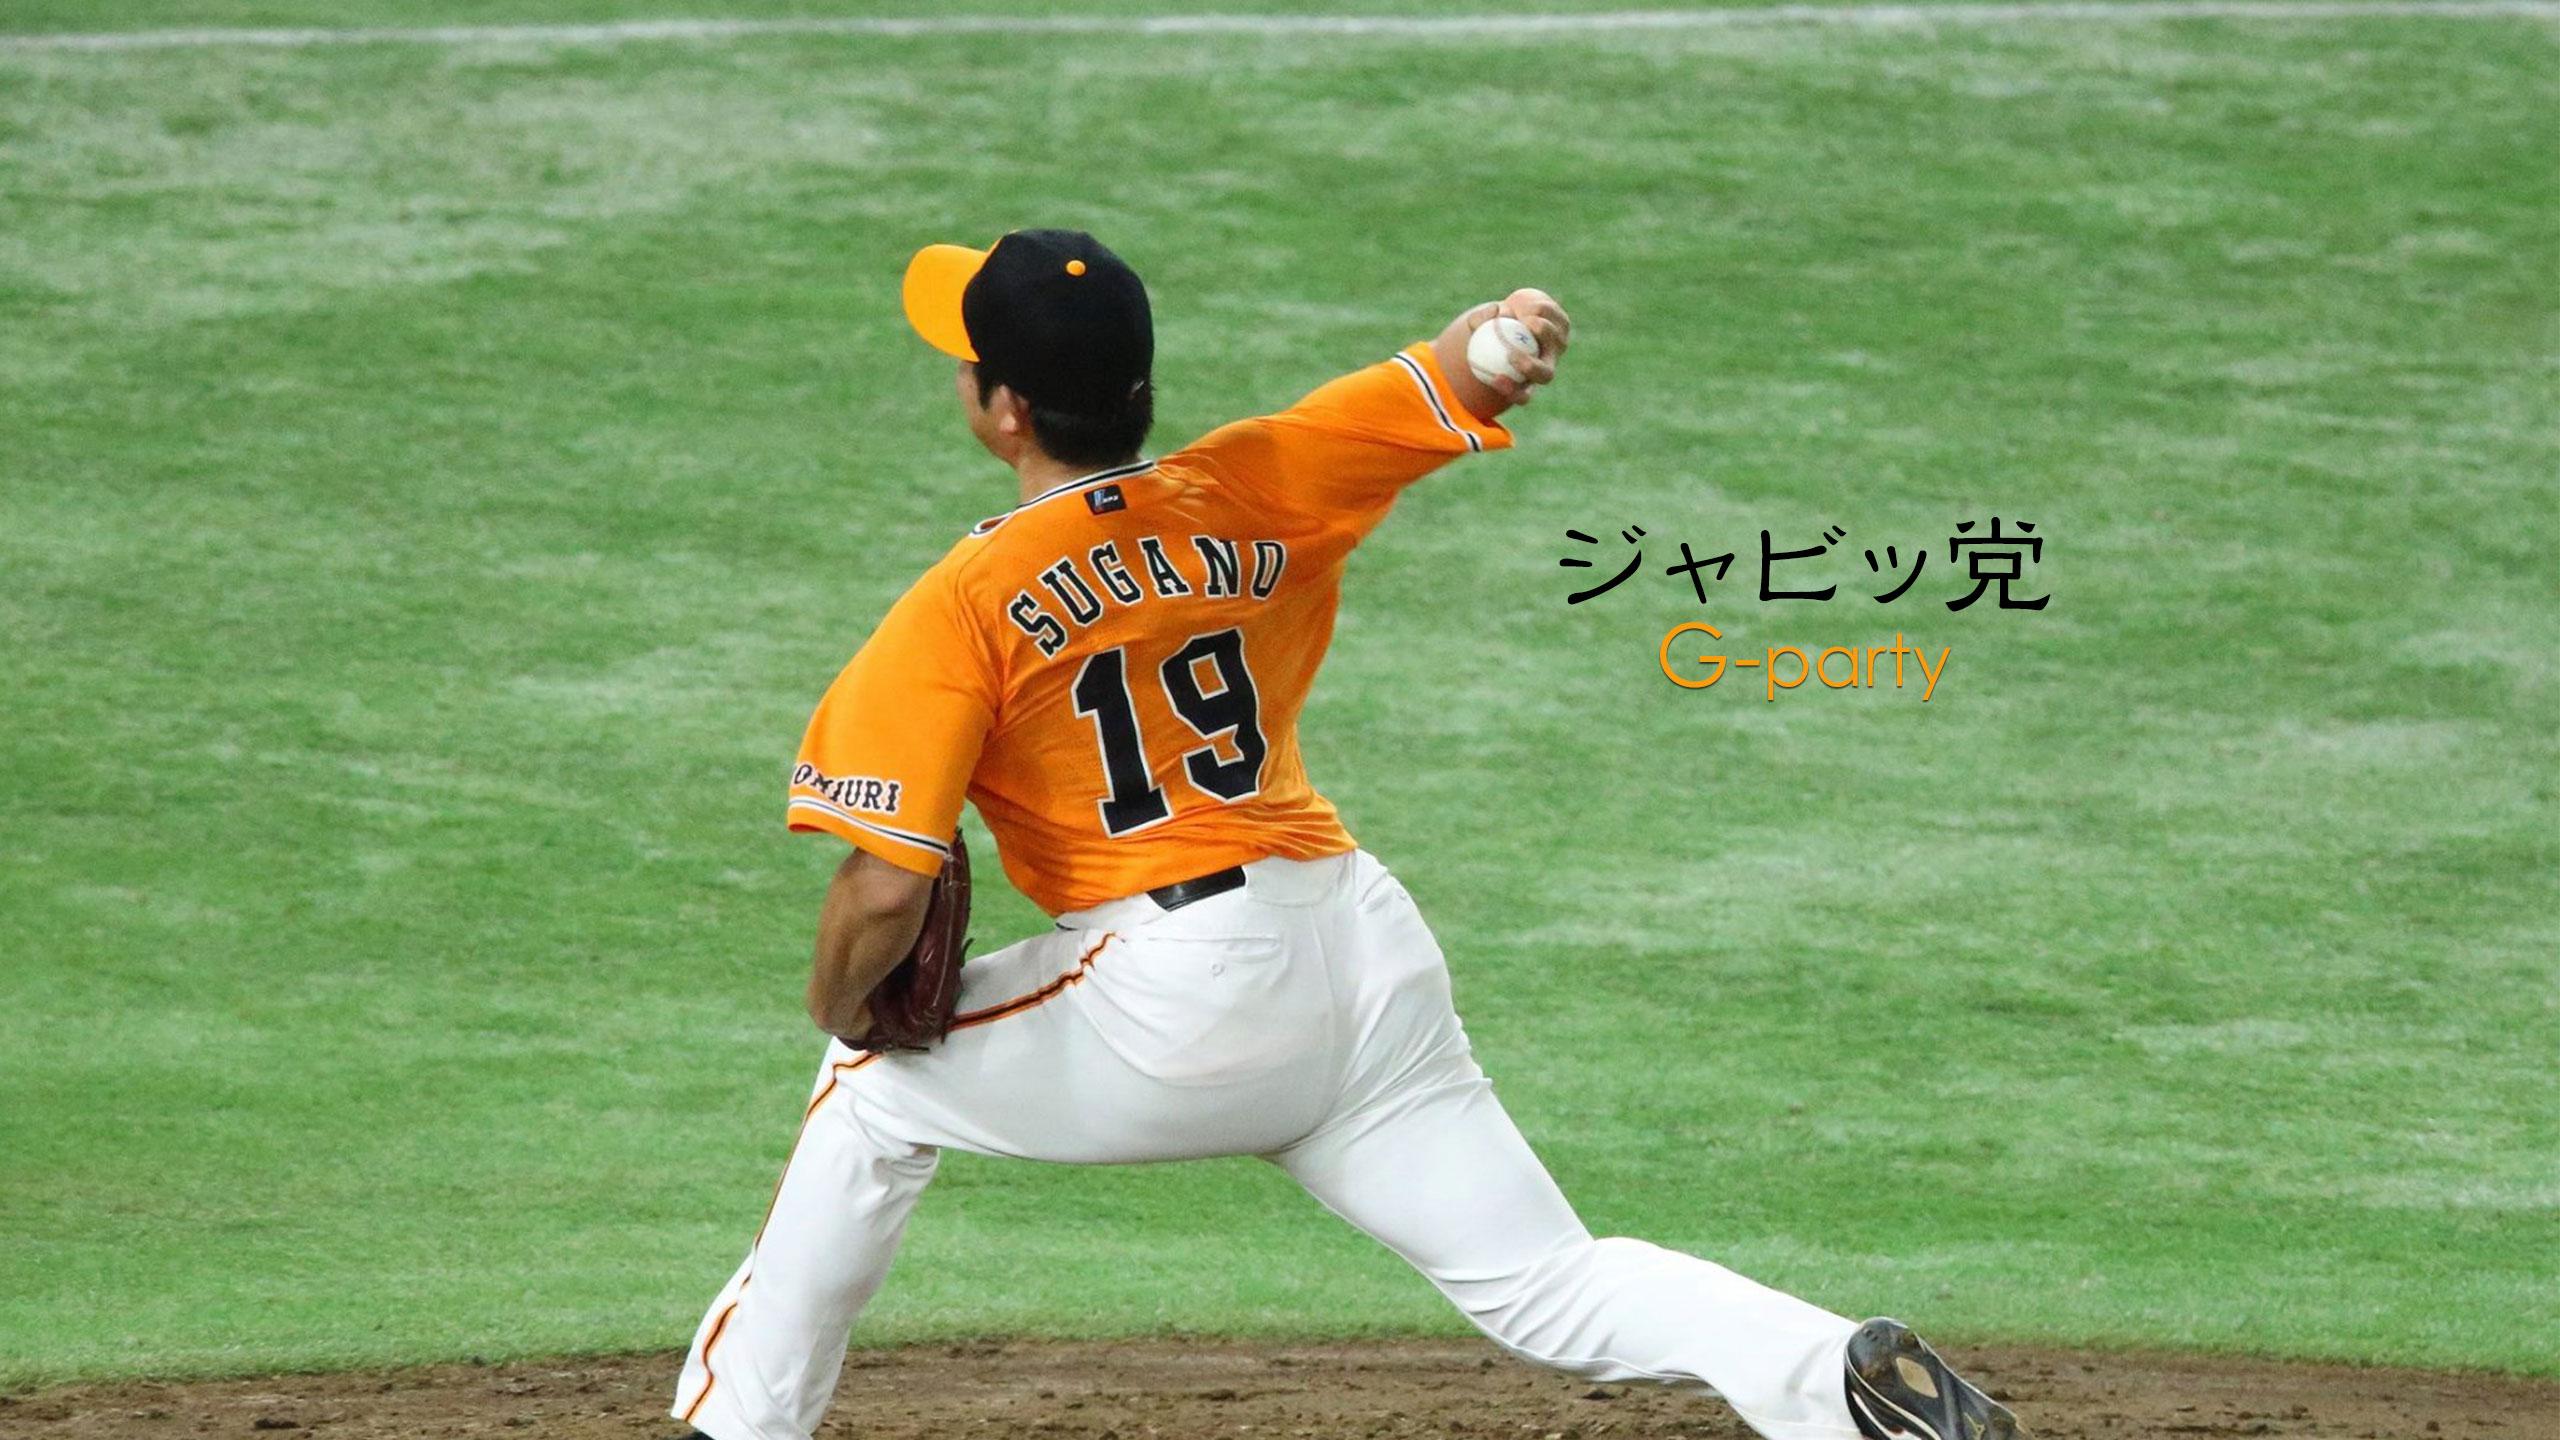 高橋優貴が6回1失点、坂本がキャリアハイの32号でジャイアンツが快勝!